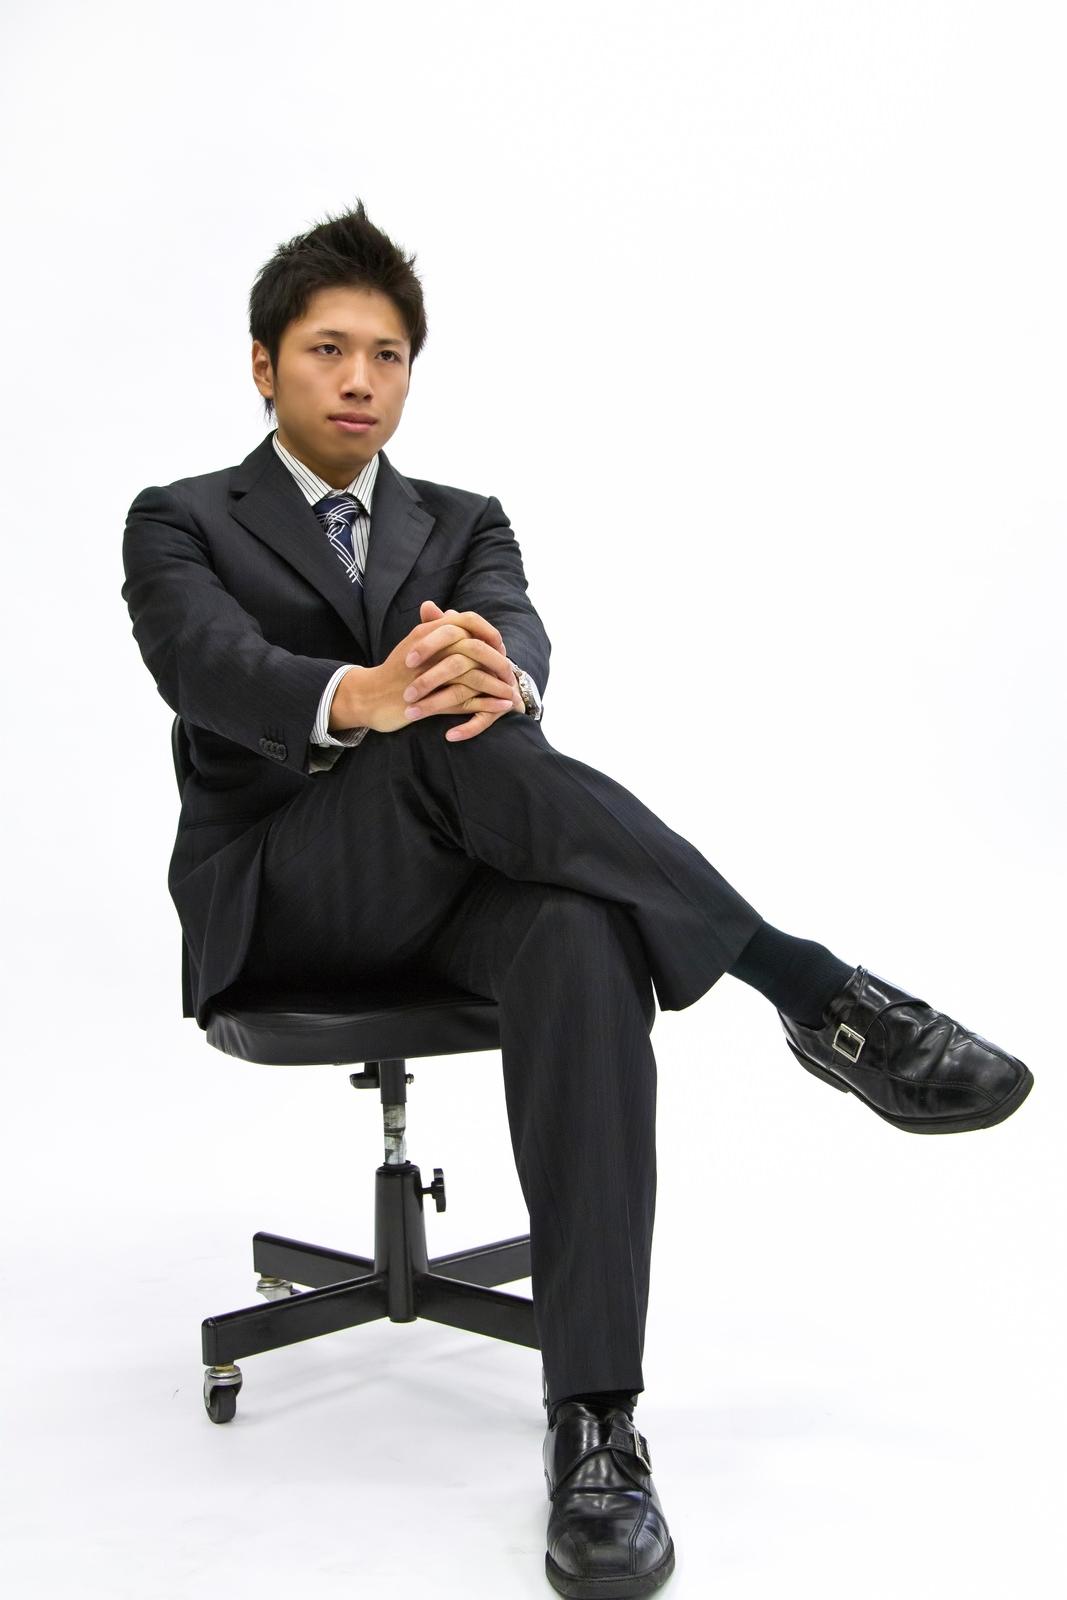 椅子に座って足を組むサラリーマン椅子に座って足を組むサラリーマン [モデル:恭平]